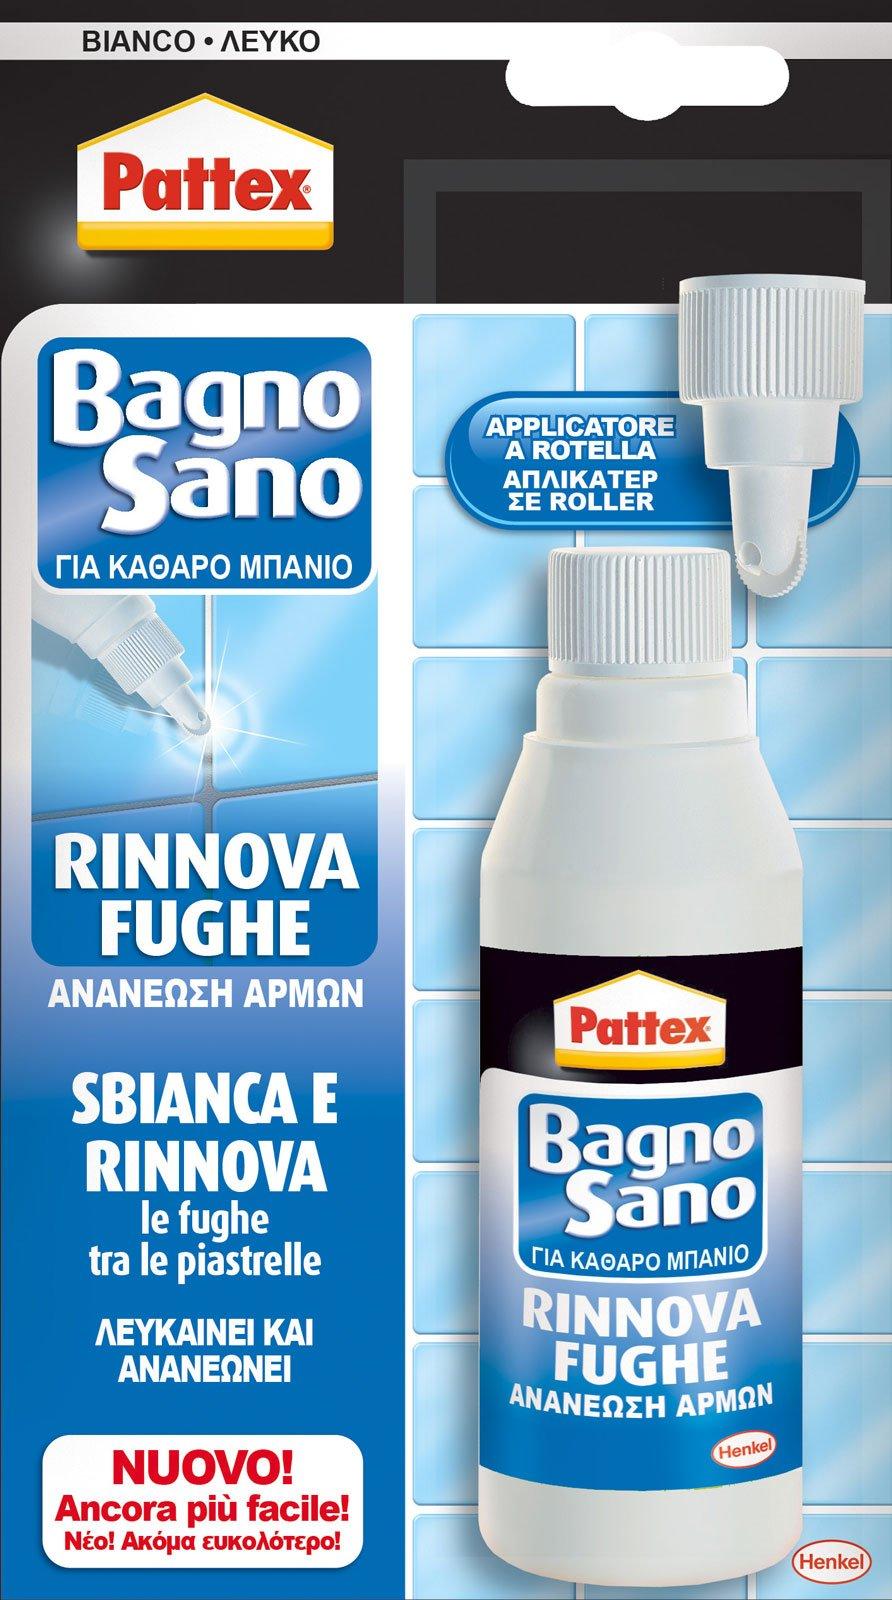 Pulire le fughe tra le piastrelle cose di casa - Come pulire le piastrelle del bagno ...